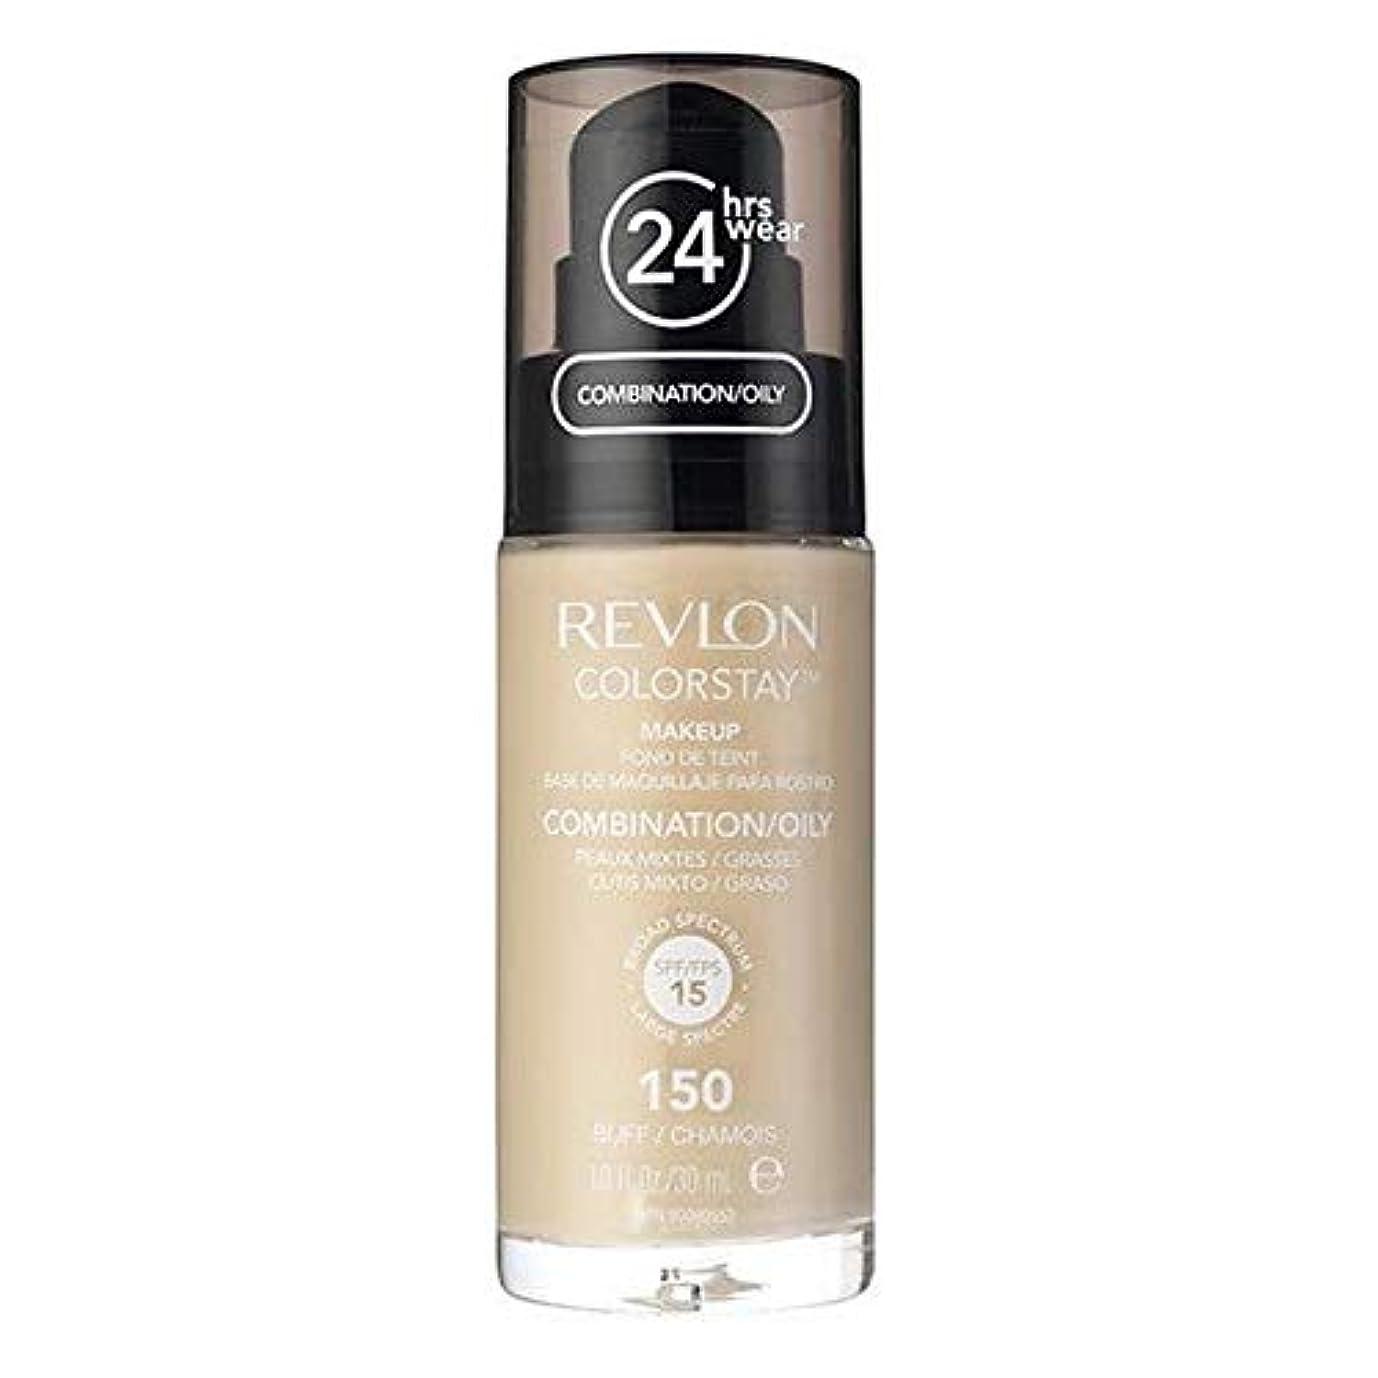 慣れる噛む商品[Revlon ] レブロンカラーステイ基盤コンビ/油性バフ30ミリリットル - Revlon Color Stay Foundation Combi/Oily Buff 30ml [並行輸入品]